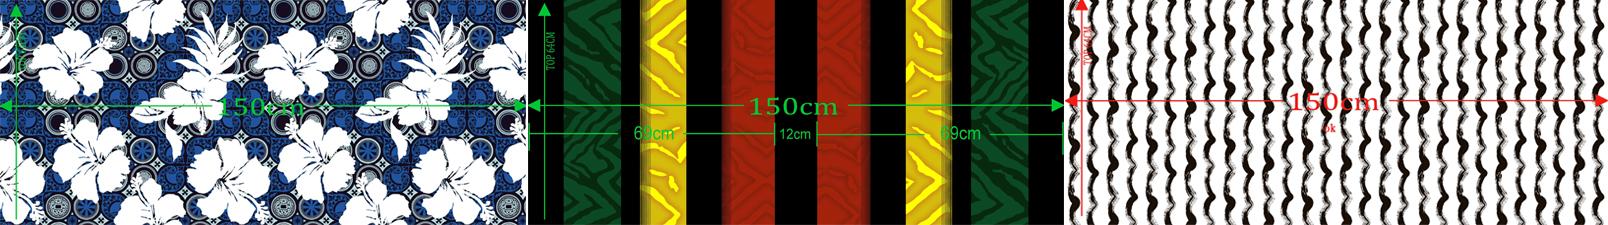 Muestra de impresión de tela en versión digital, tela con impresión usada para la producción de trajes de baño en China